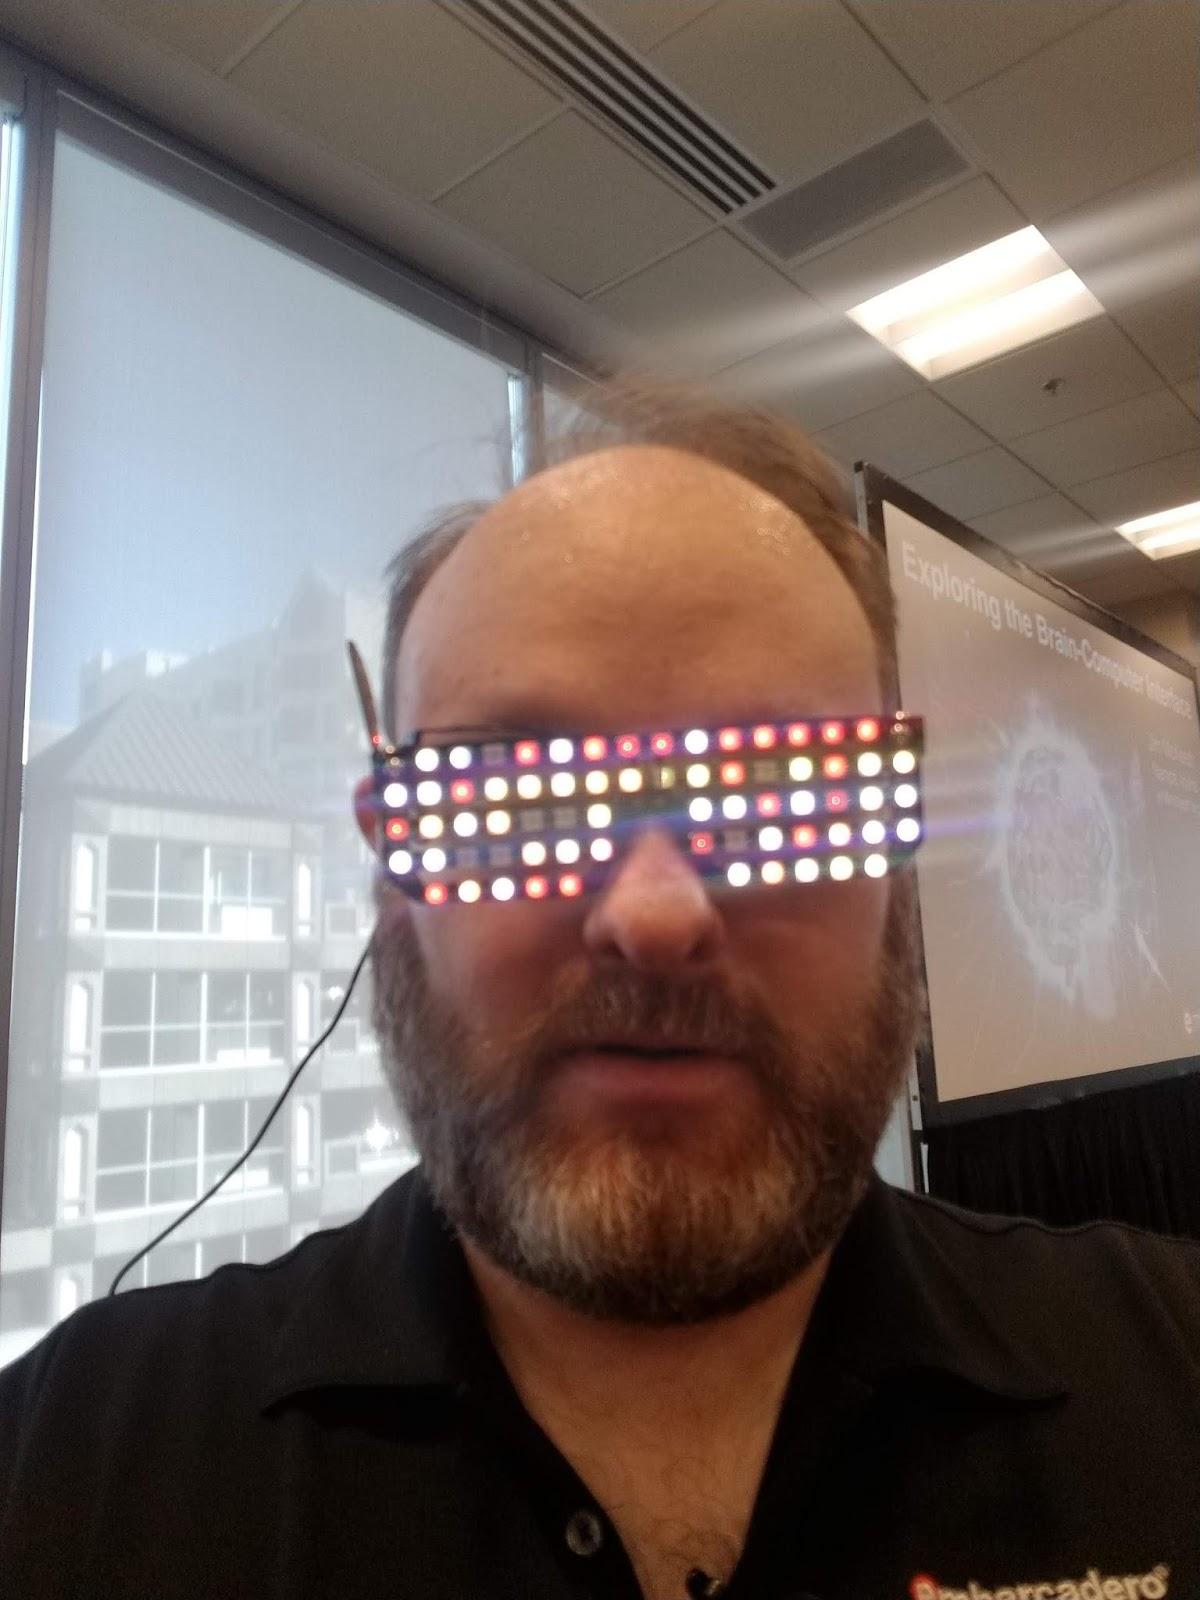 cd57f9b69c4 ... 1200 × 1600 pixels. Wearing the RGB LED Shades